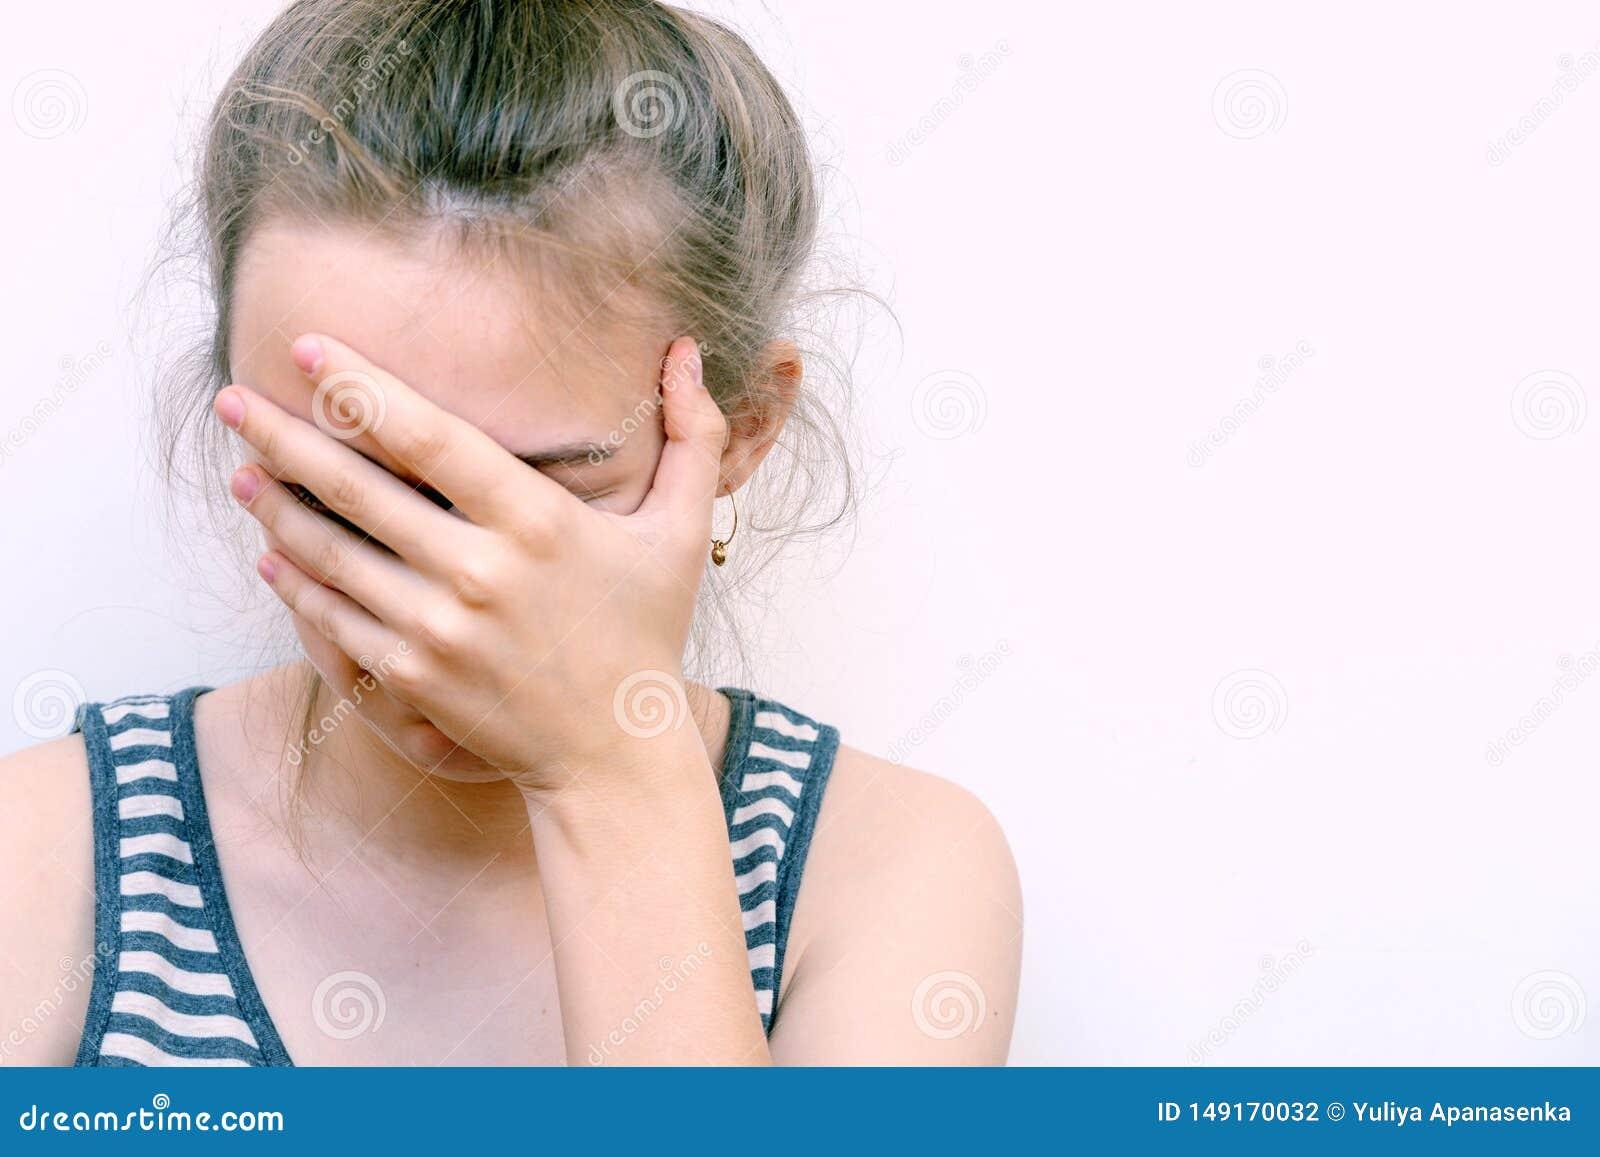 Το κορίτσι στην απελπισία καλύπτει το πρόσωπό της με το χέρι Τονισμένο θηλυκό πορτρέτο πόνου πονοκέφαλου γυναικών στο σπίτι